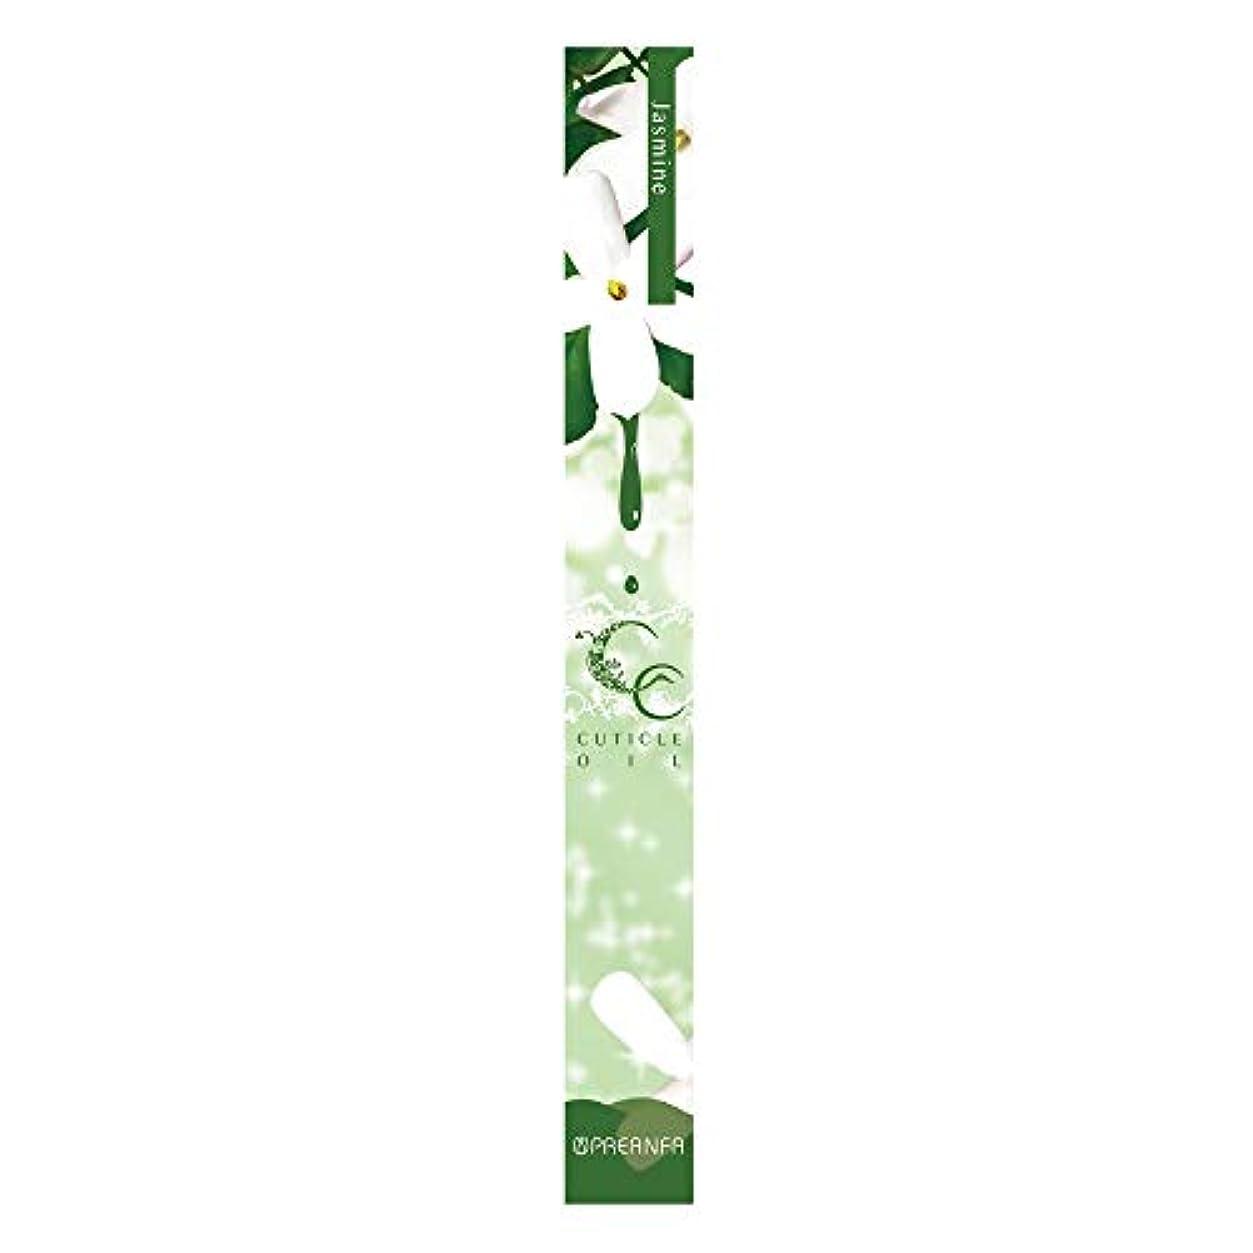 可能マリン用心深いプリジェル 甘皮ケア CCキューティクルオイル ジャスミン 4.5g  保湿オイル ペンタイプ